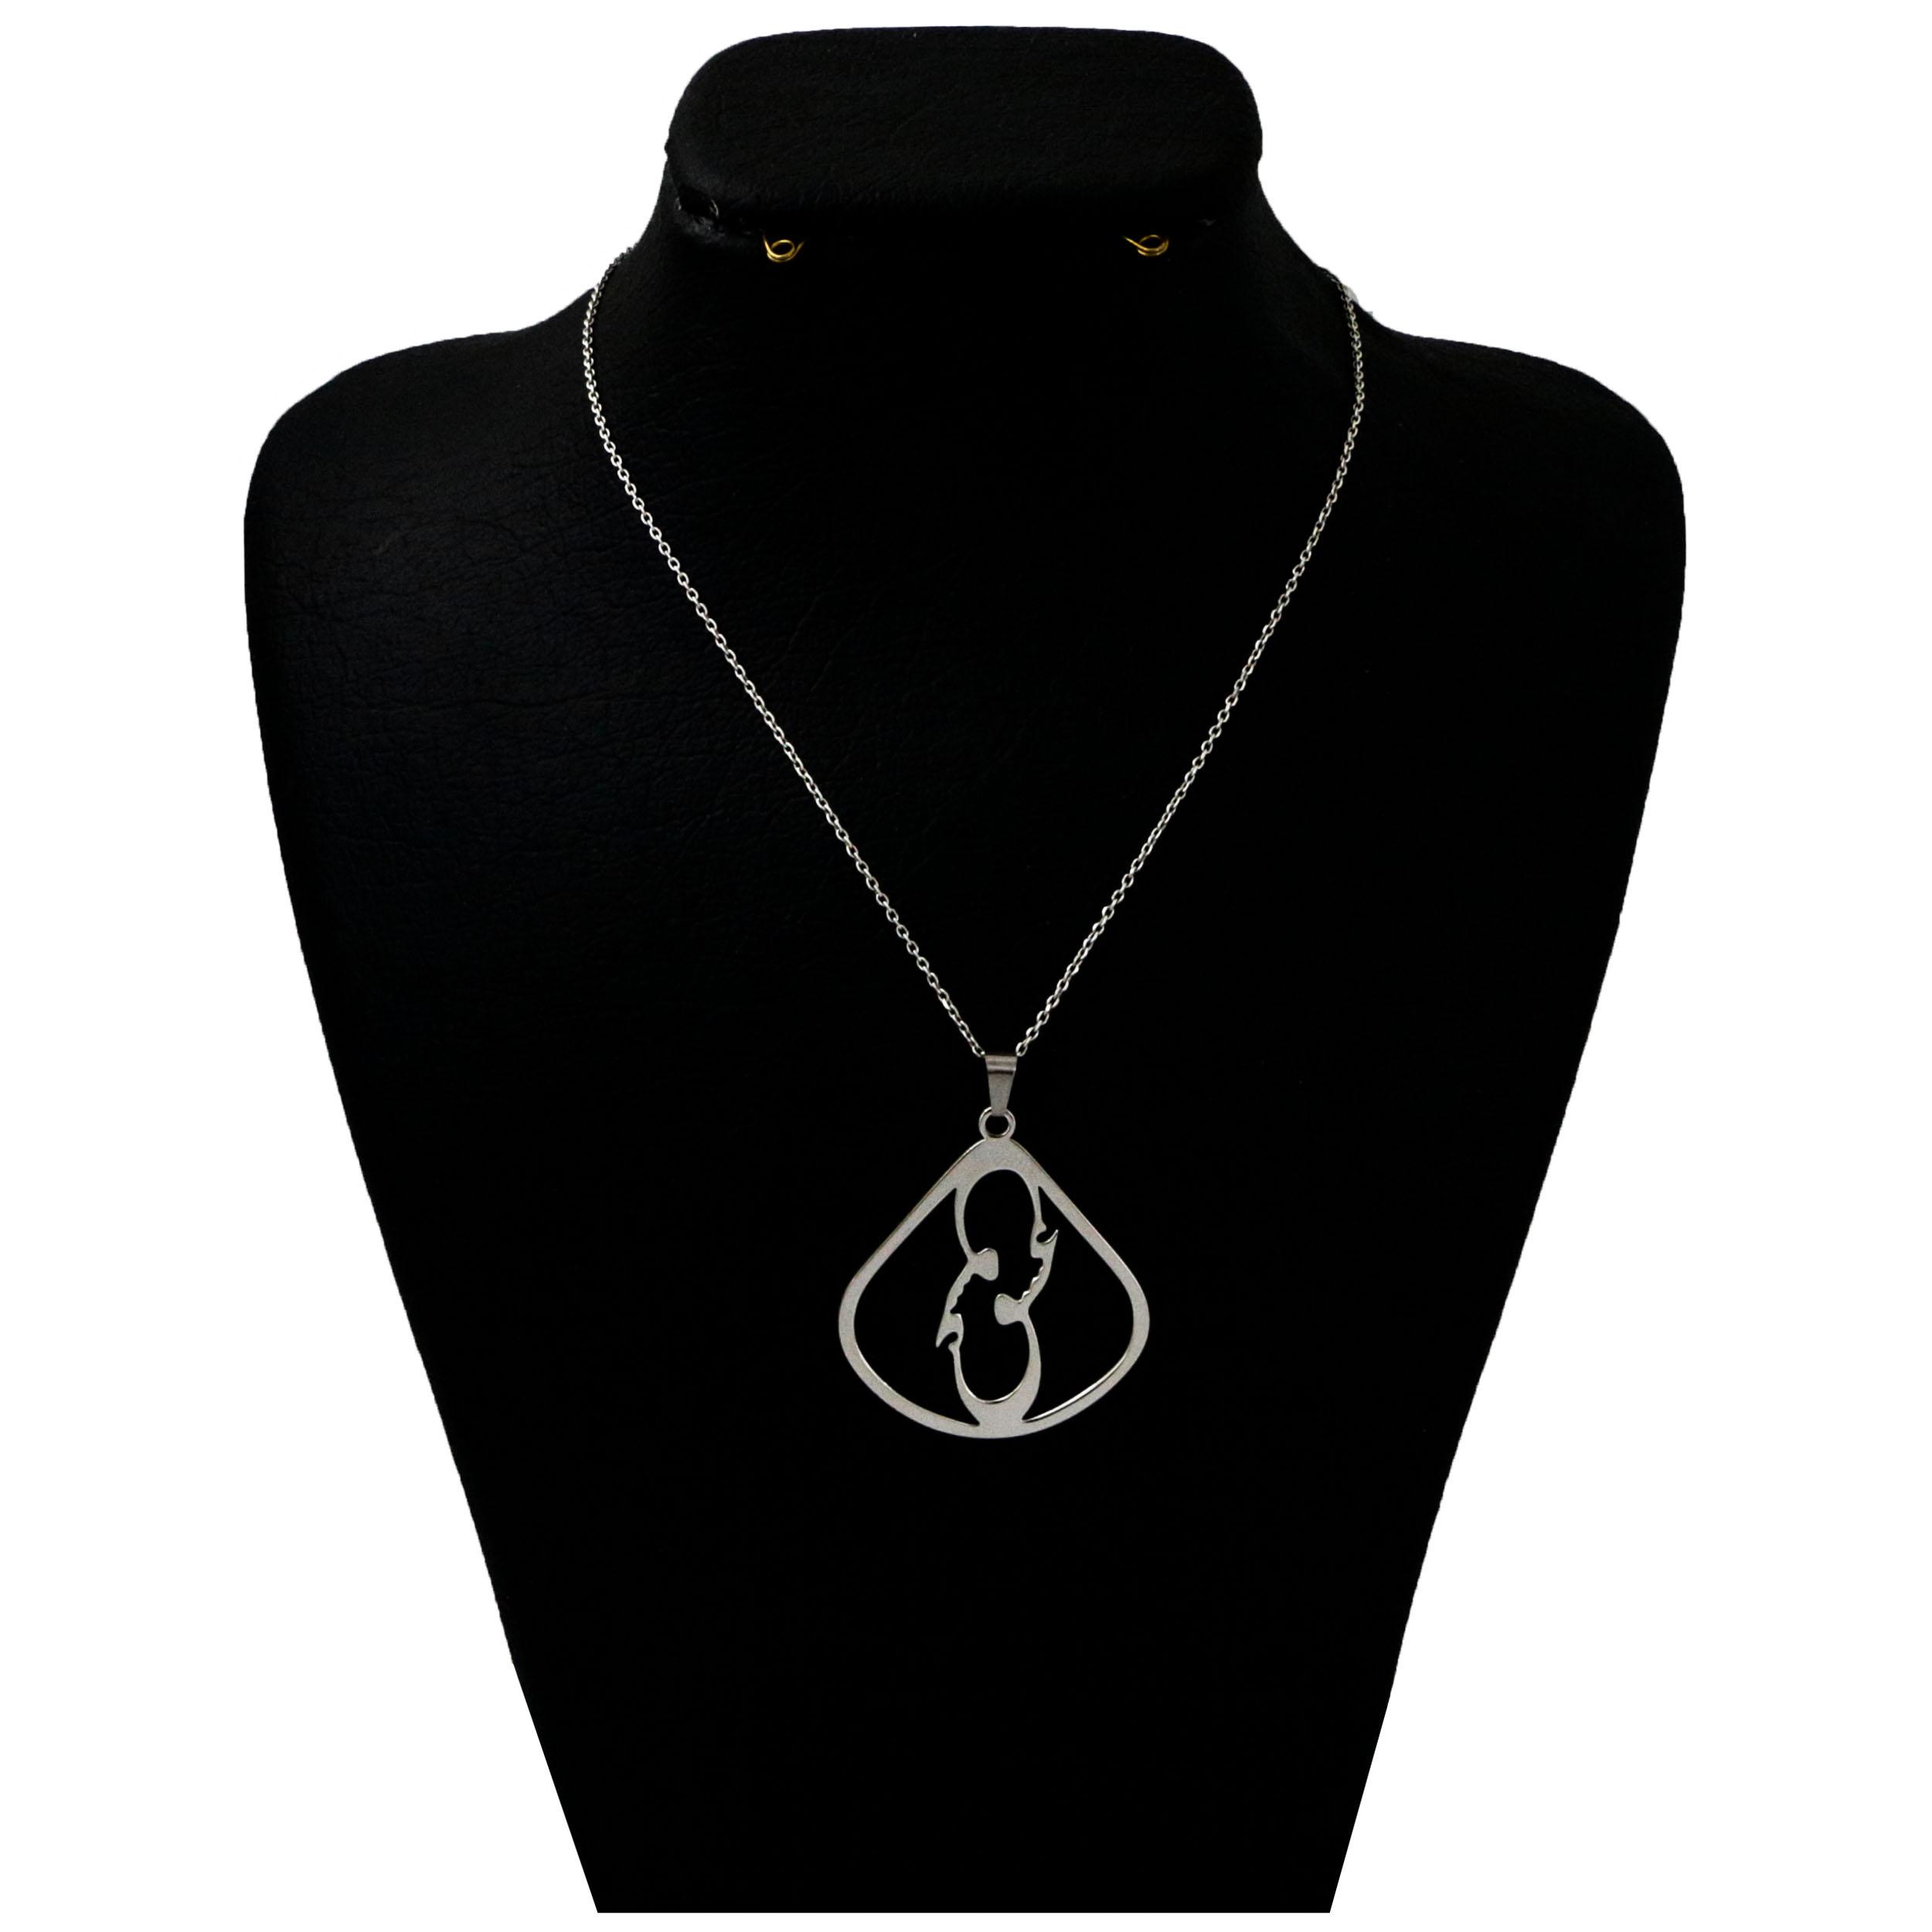 گردنبند نقره زنانه دلی جم طرح عشق کد D 316